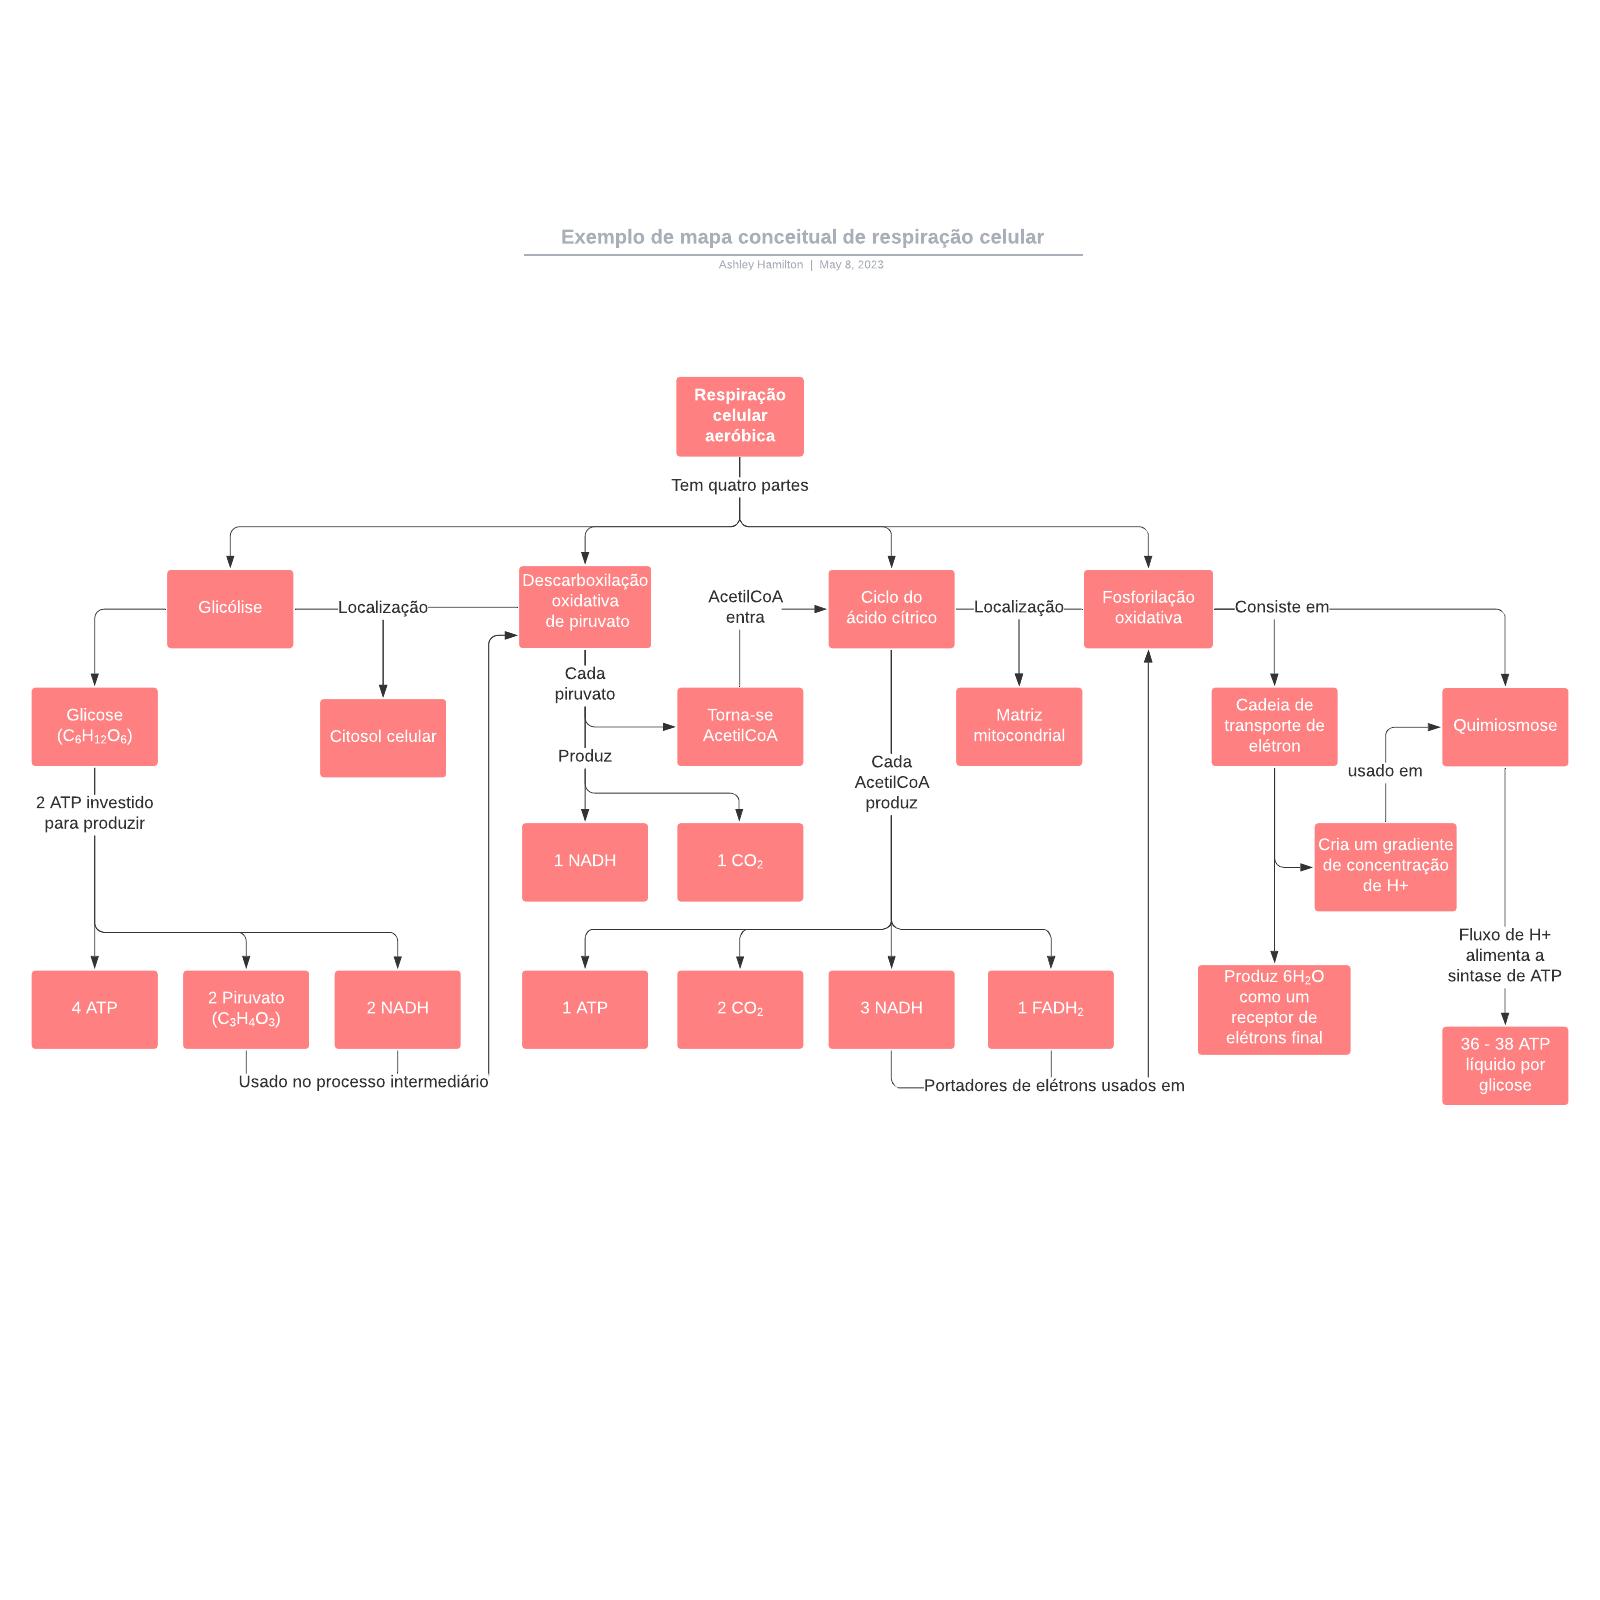 Exemplo de mapa conceitual de respiração celular